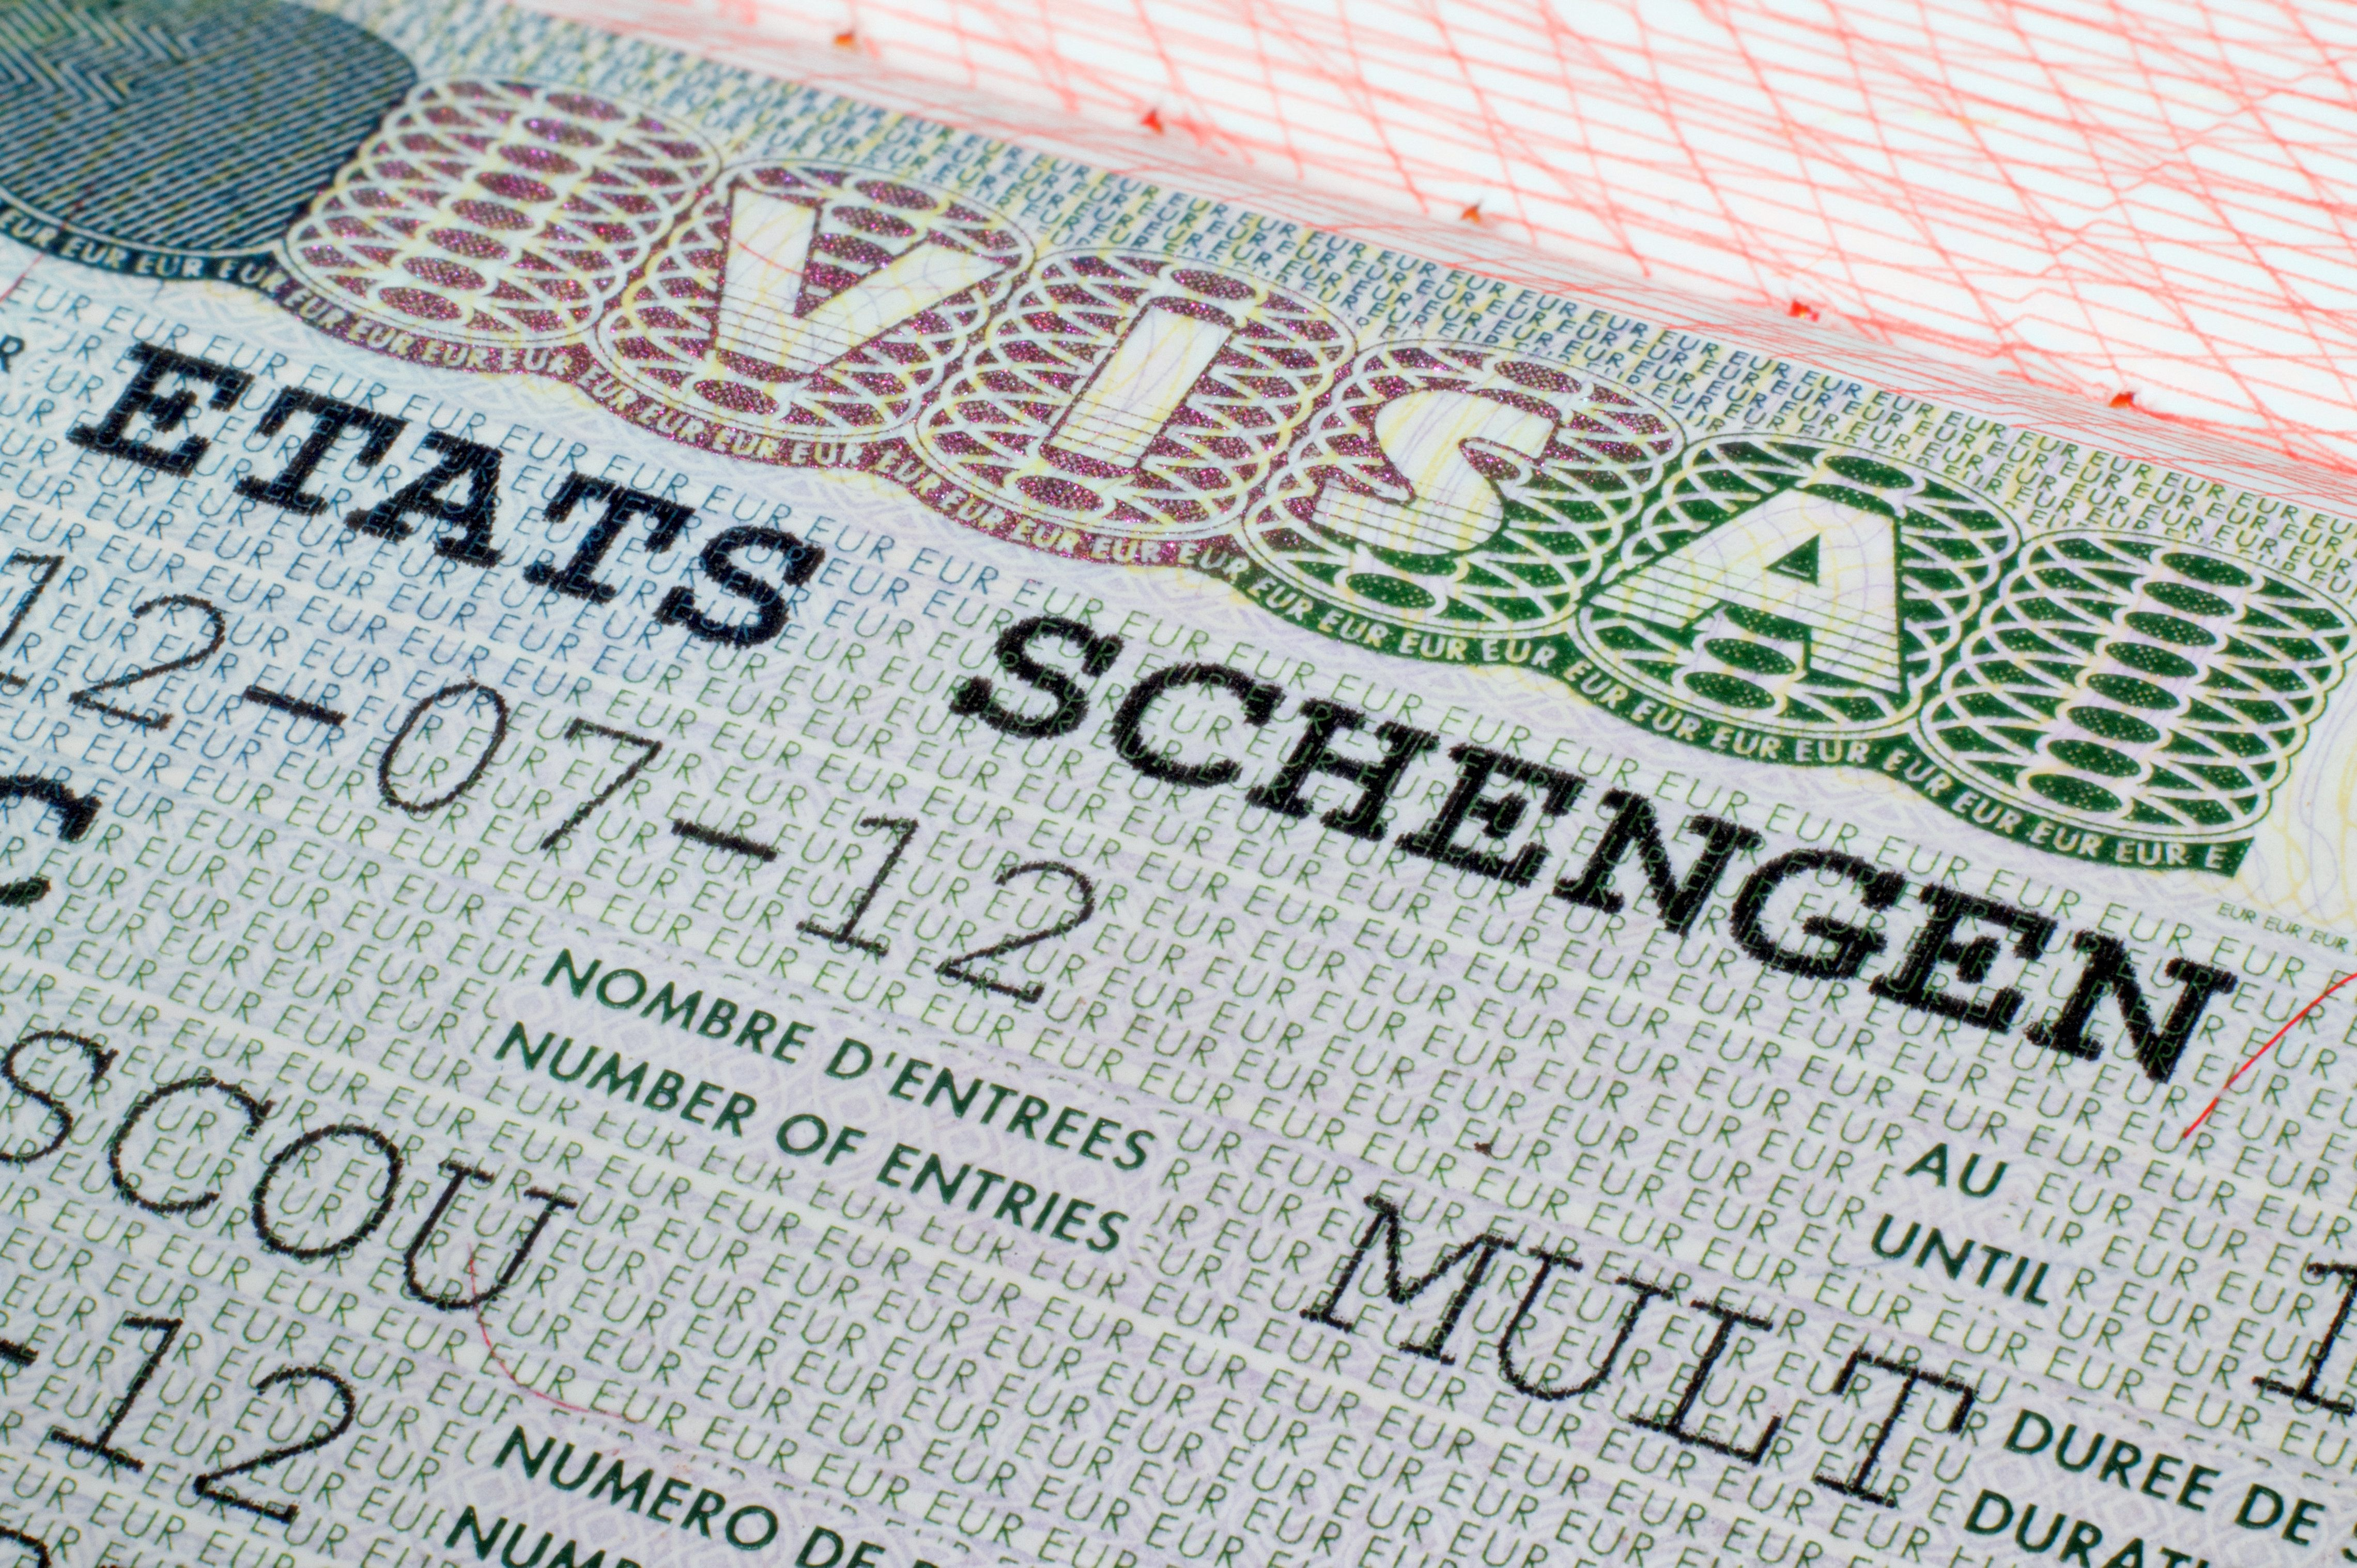 Assouplissement du traitement des demandes de visa Schengen, la Tunisie